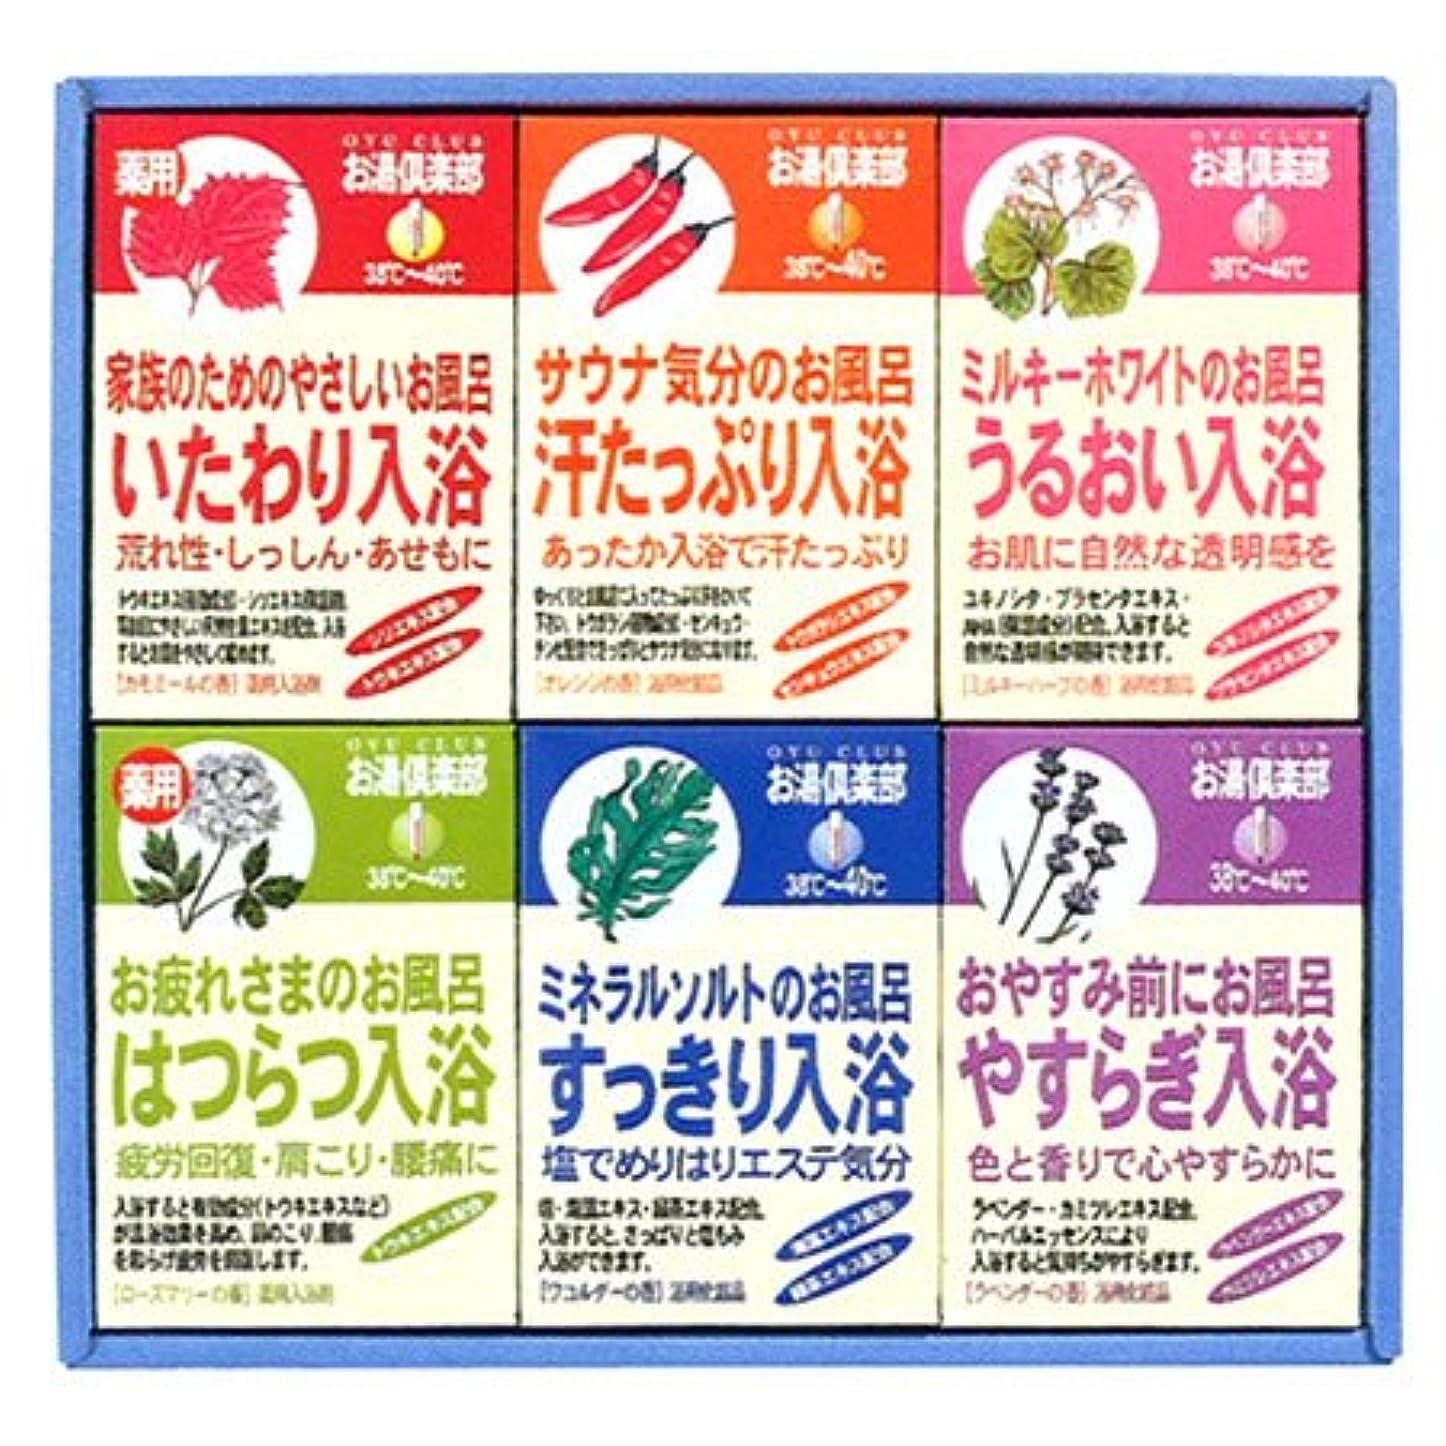 適切に吸う天井お湯倶楽部 タイプ別入浴剤 6種30包入 ギフトに最適